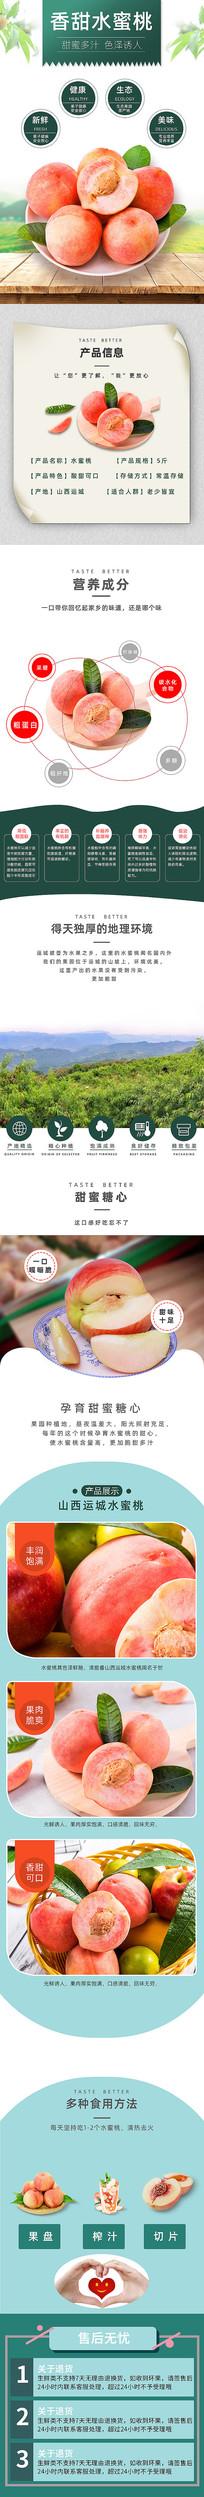 日常通用清新简约水果水蜜桃详情页